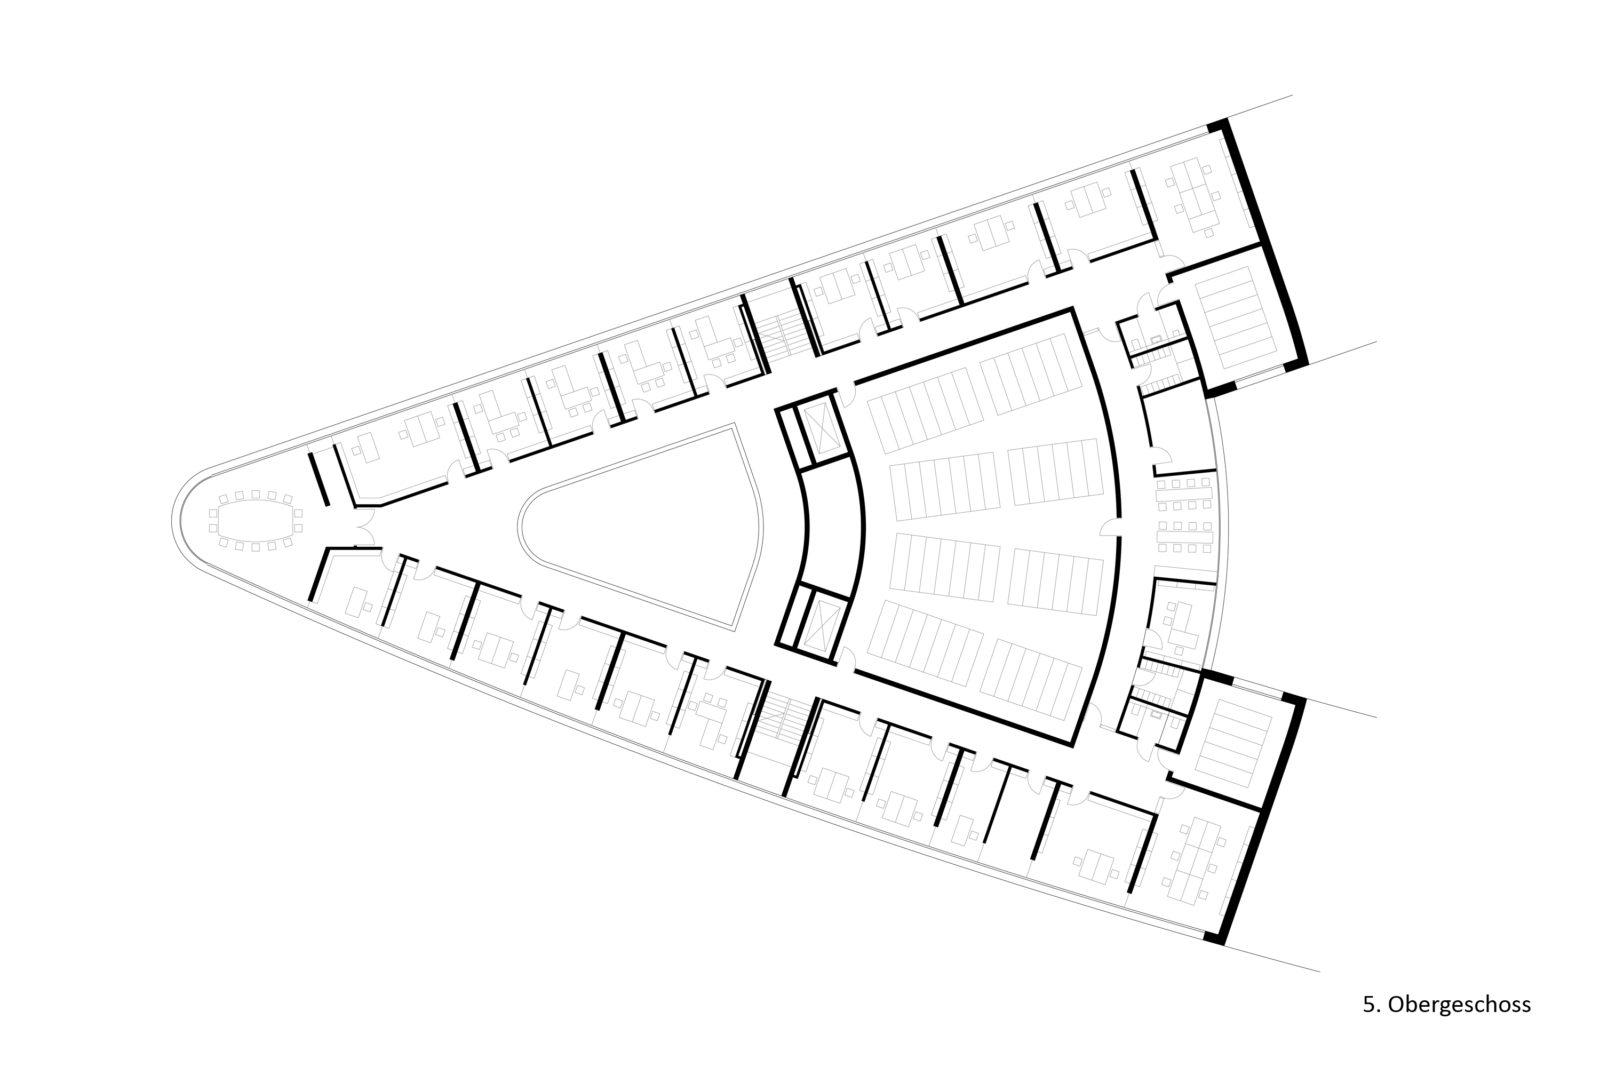 Wettbewerb Leibniz-Institut für Länderkunde in Leipzig, Zentrum - 5. Obergeschoss